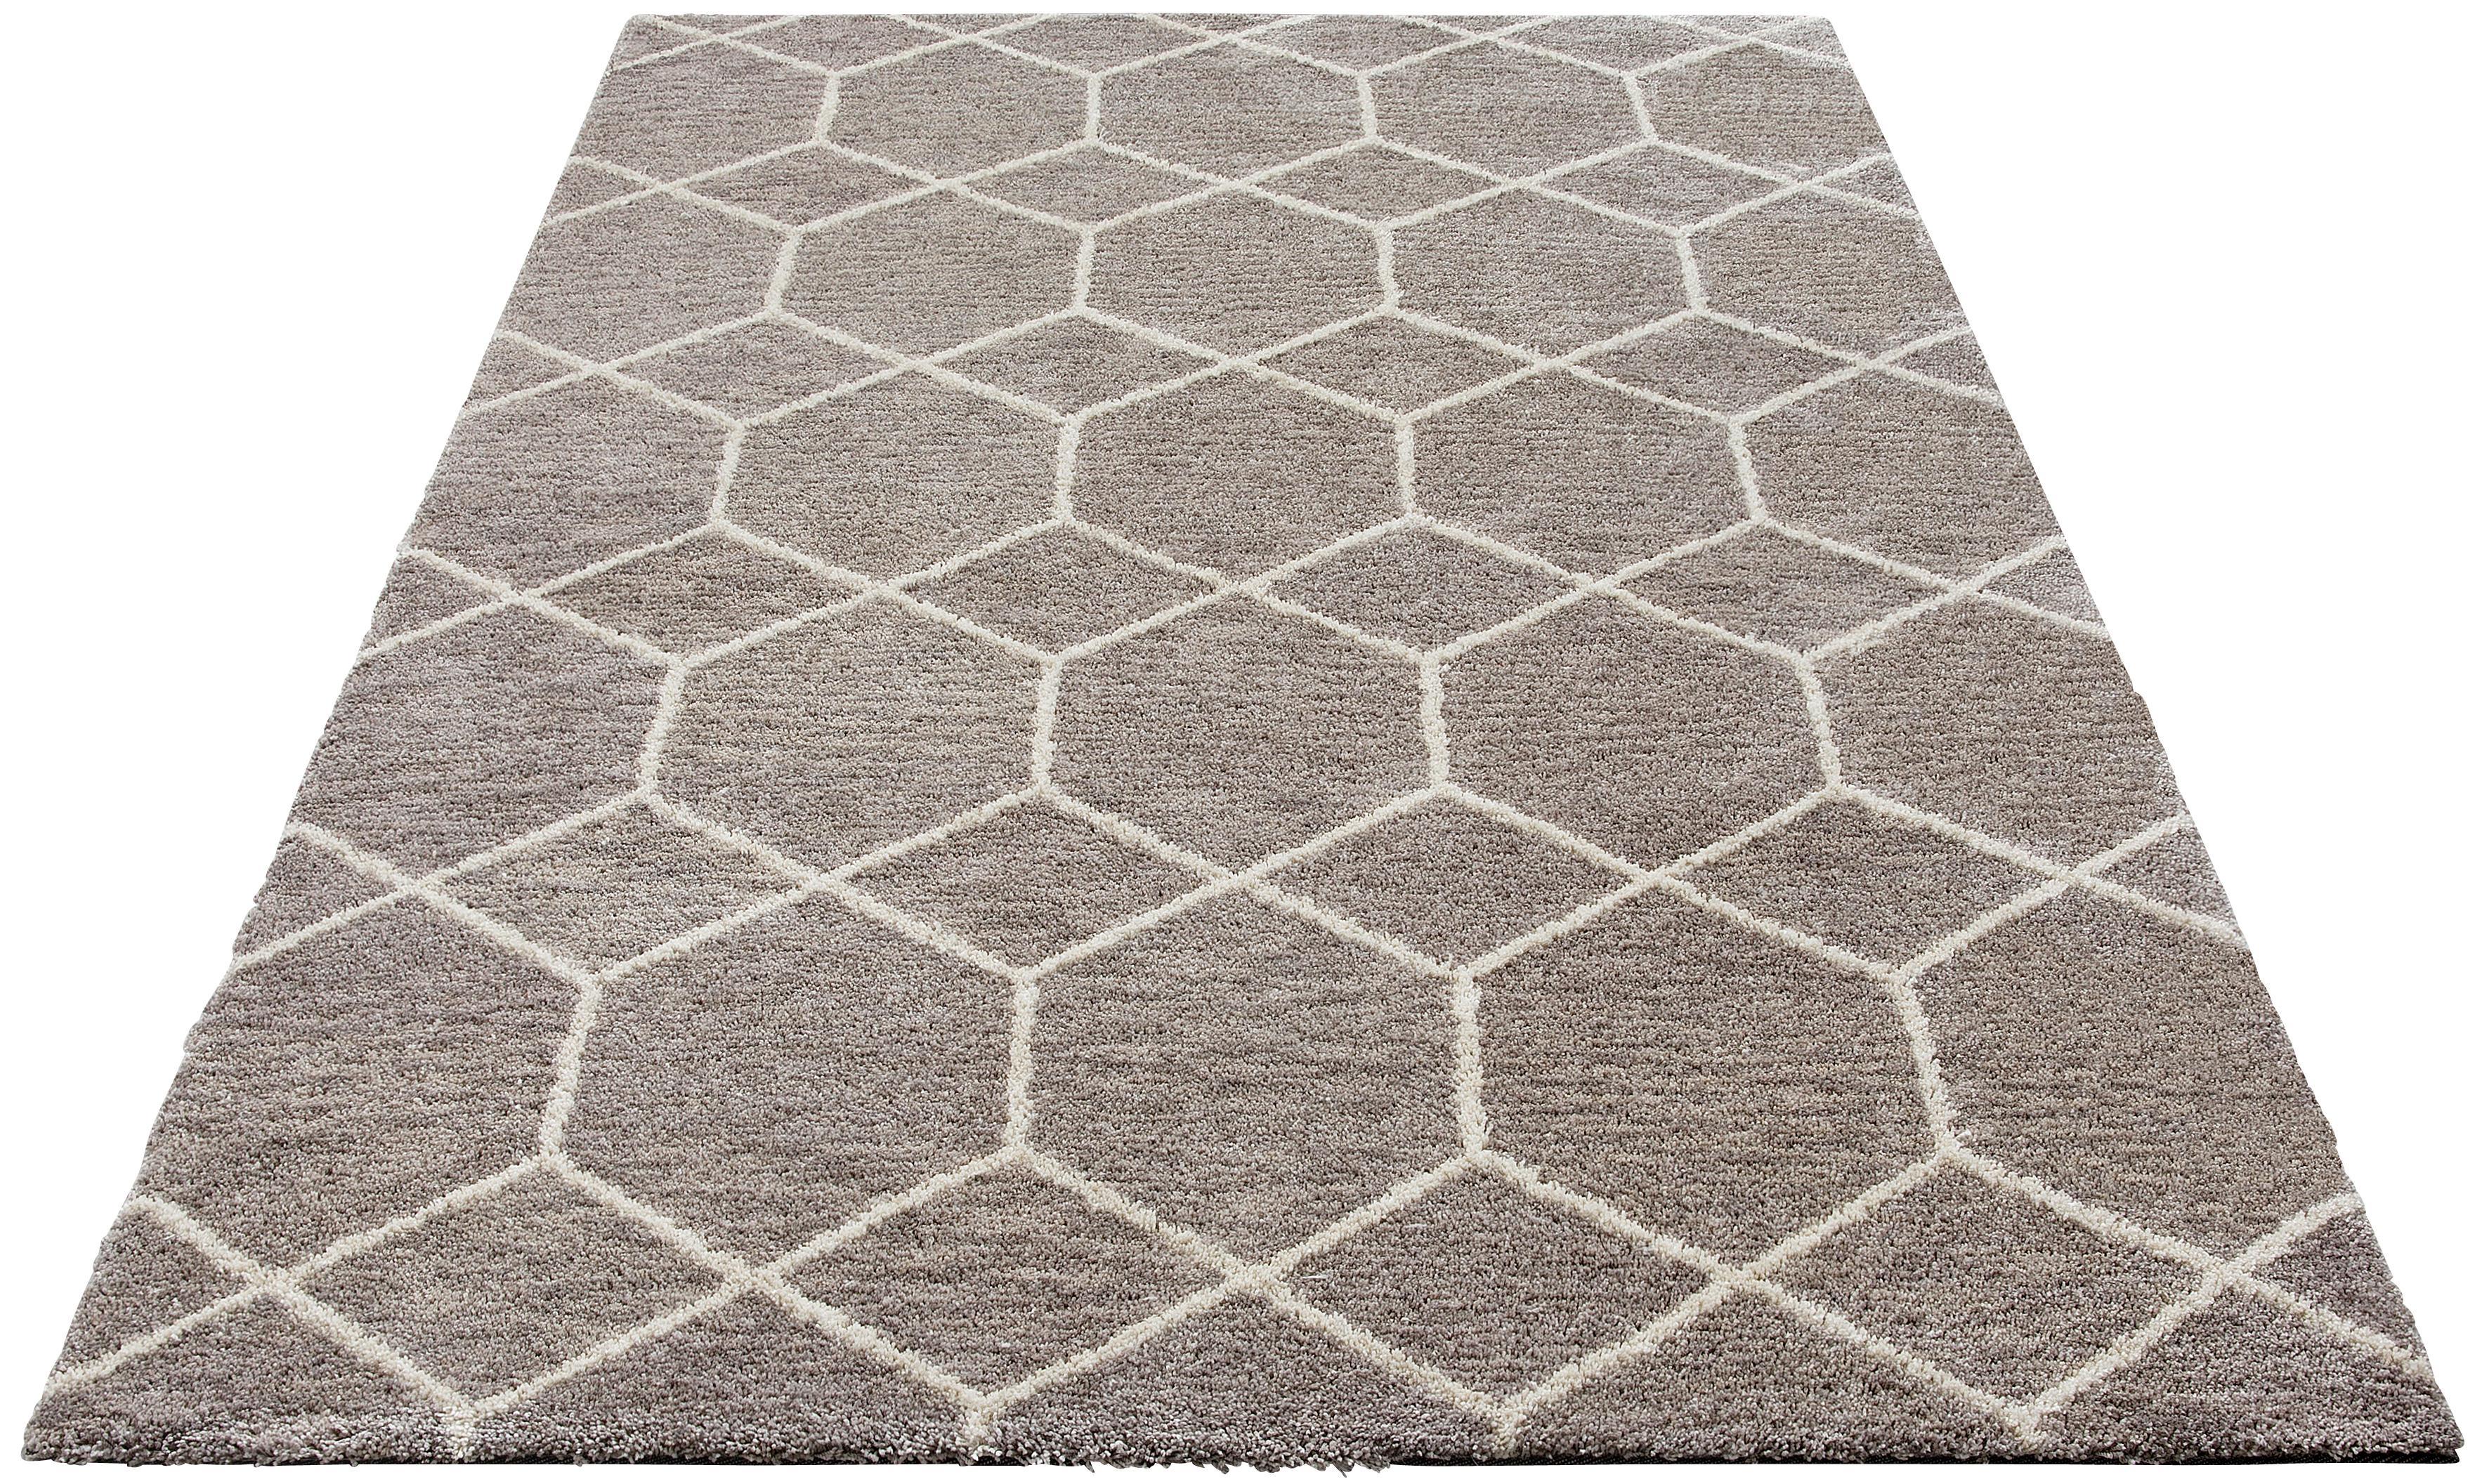 Hochflor-Teppich Lasar my home rechteckig Höhe 25 mm maschinell getuftet